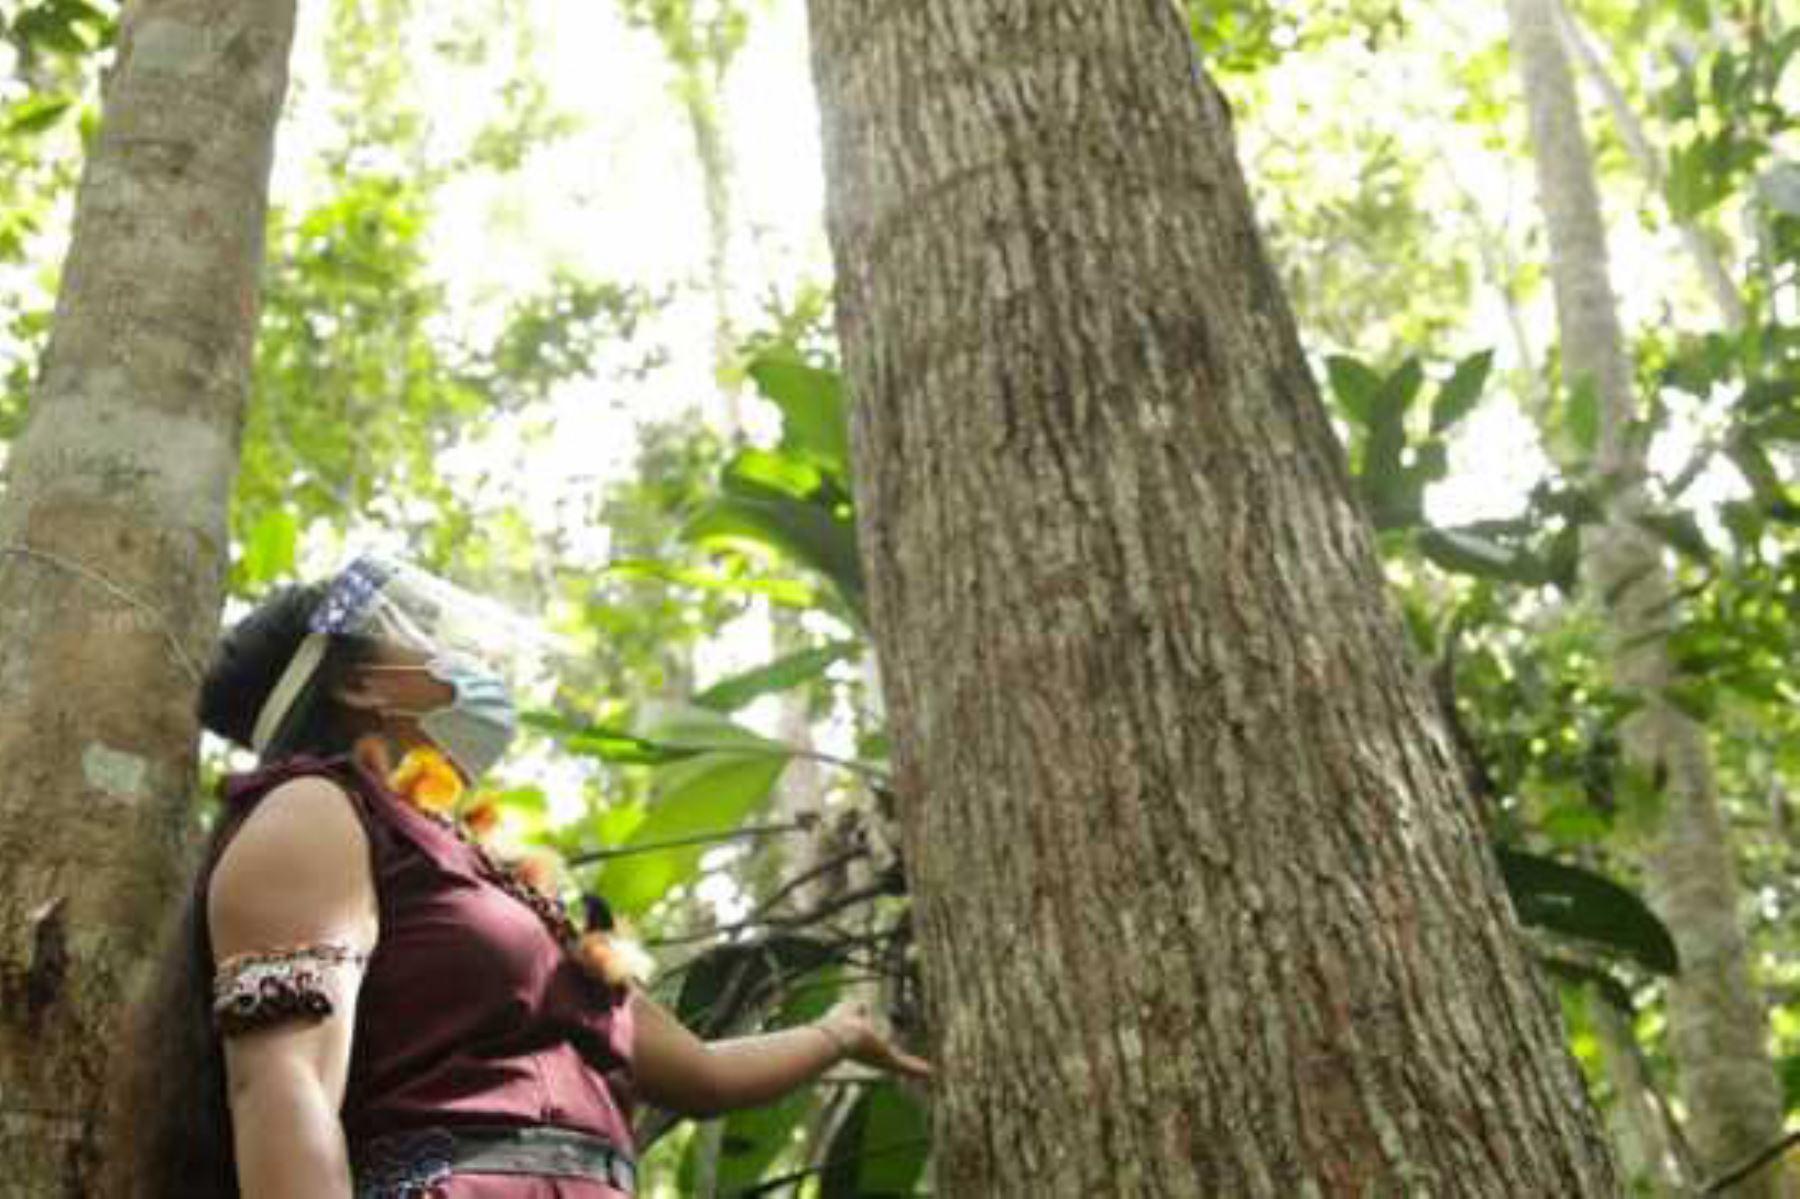 El emprendimiento de las nuwas (mujer en lengua awajún) tiene como propósito promover las costumbres ancestrales de la comunidad indígena. Foto: ANDINA/Goresam